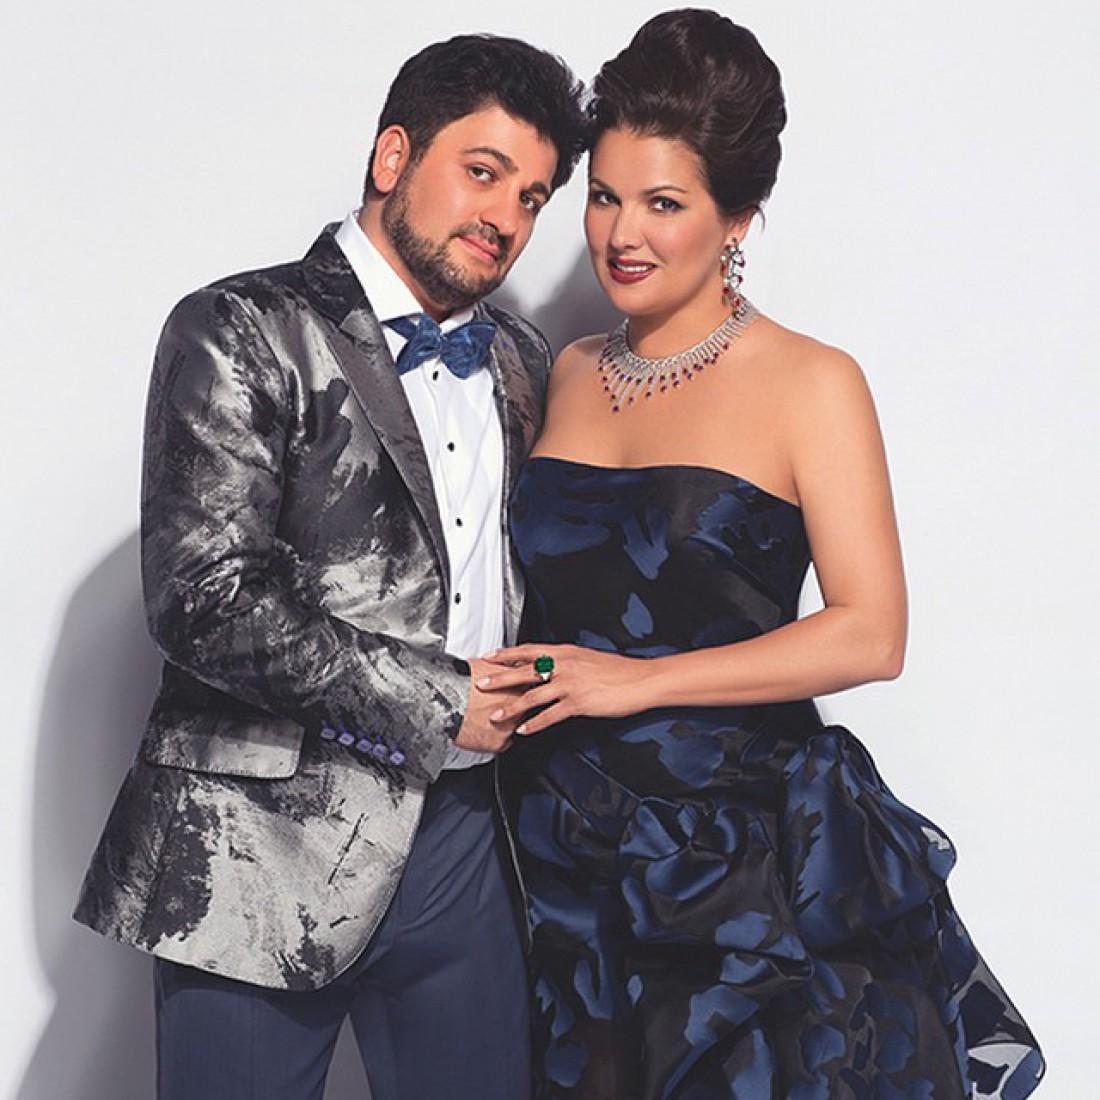 Анна Нетребко с мужем Юсифом Эйвазовым